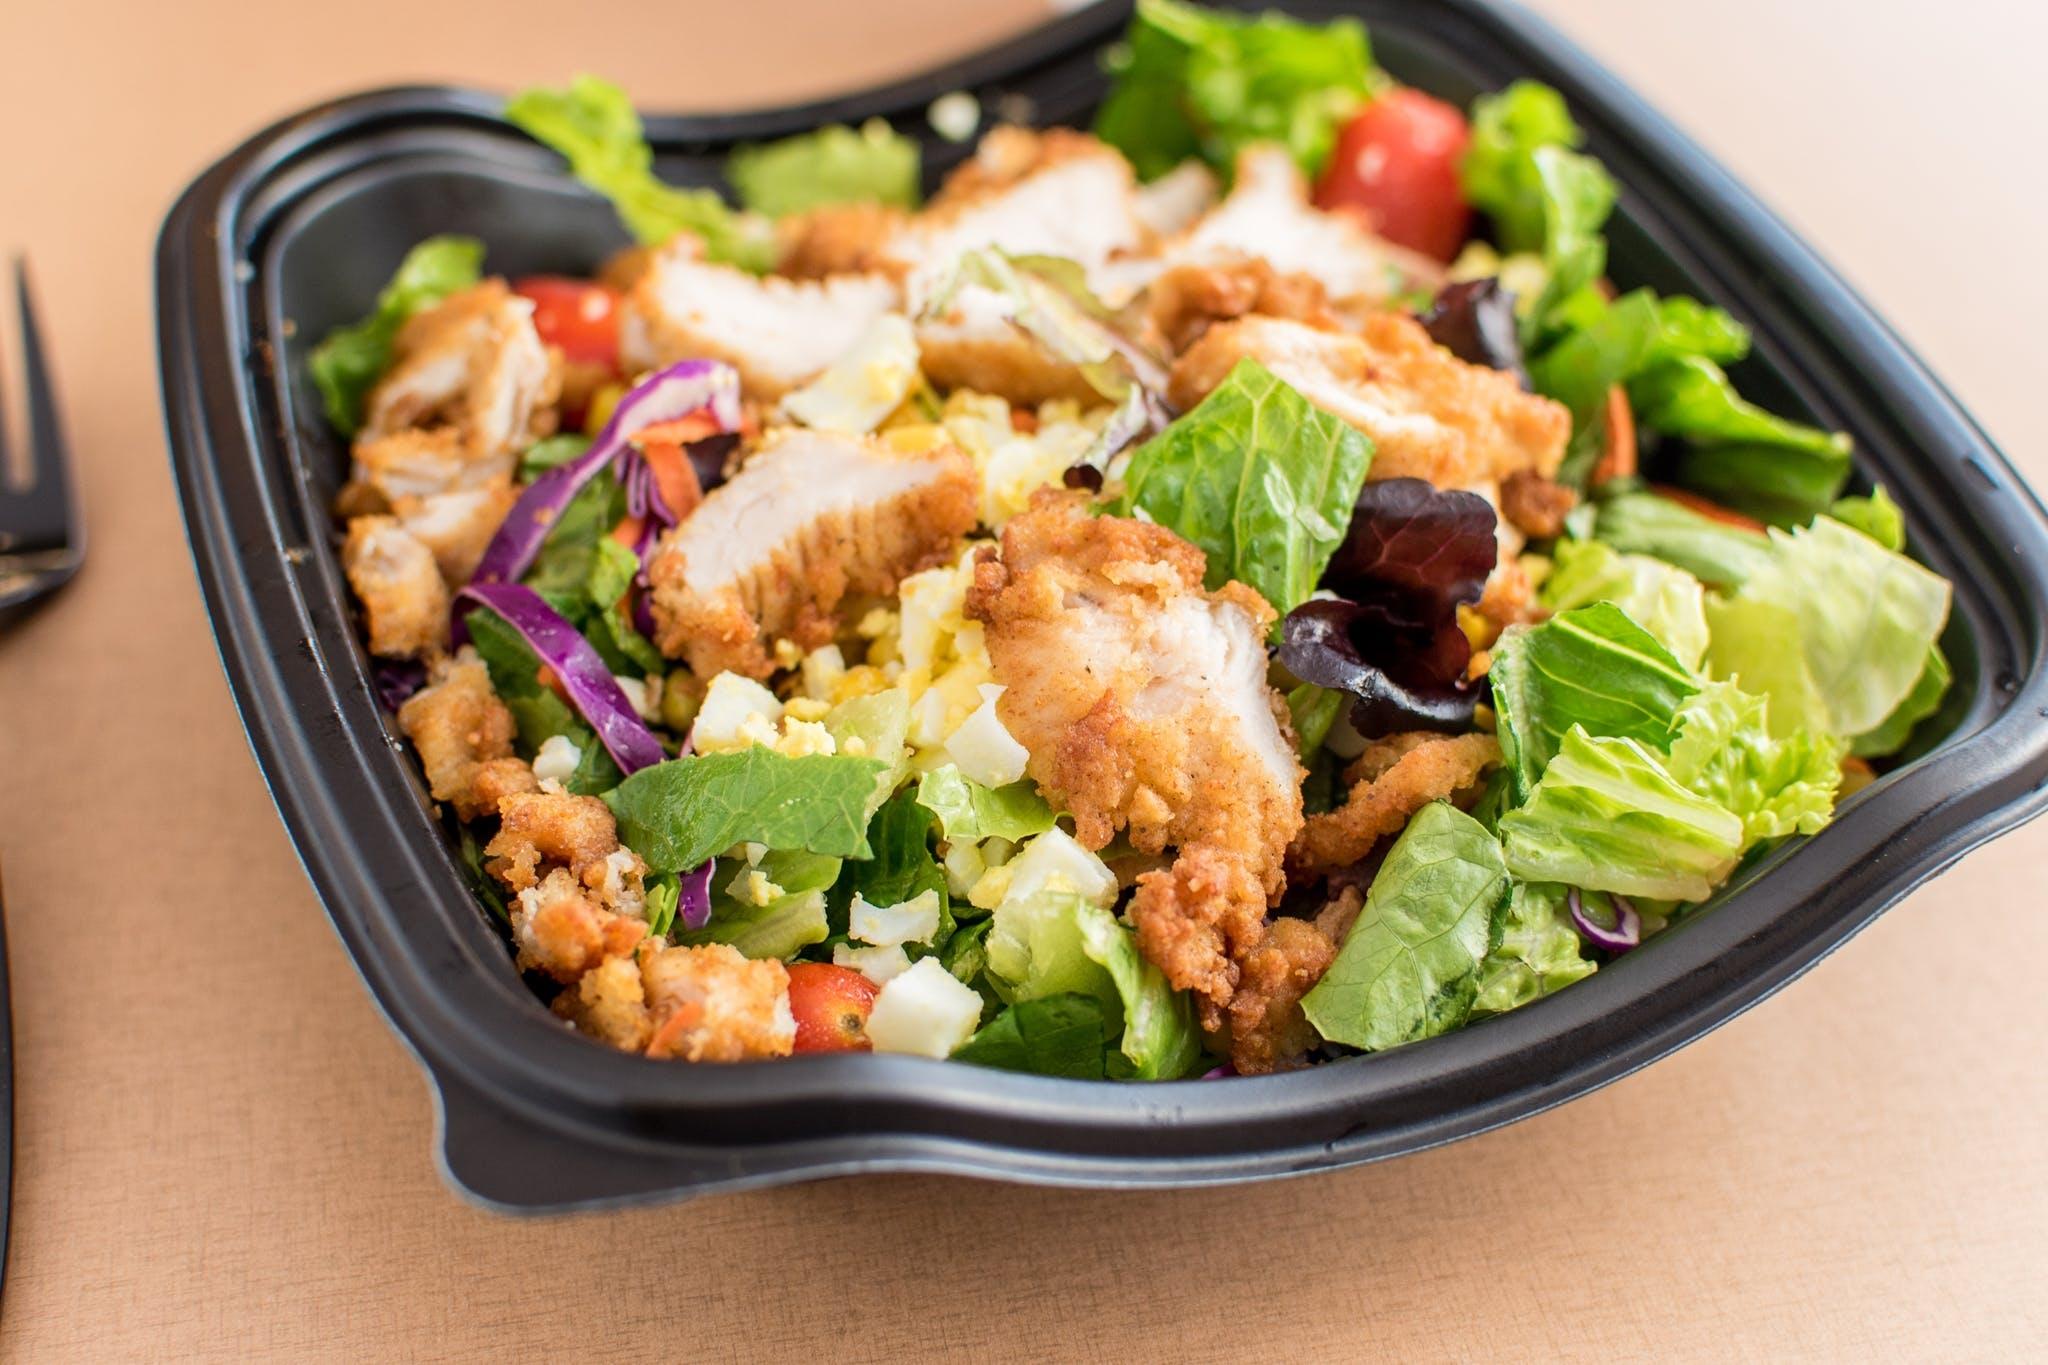 Cobb Salad from Chick Fil A - Kalamazoo in Portage, MI